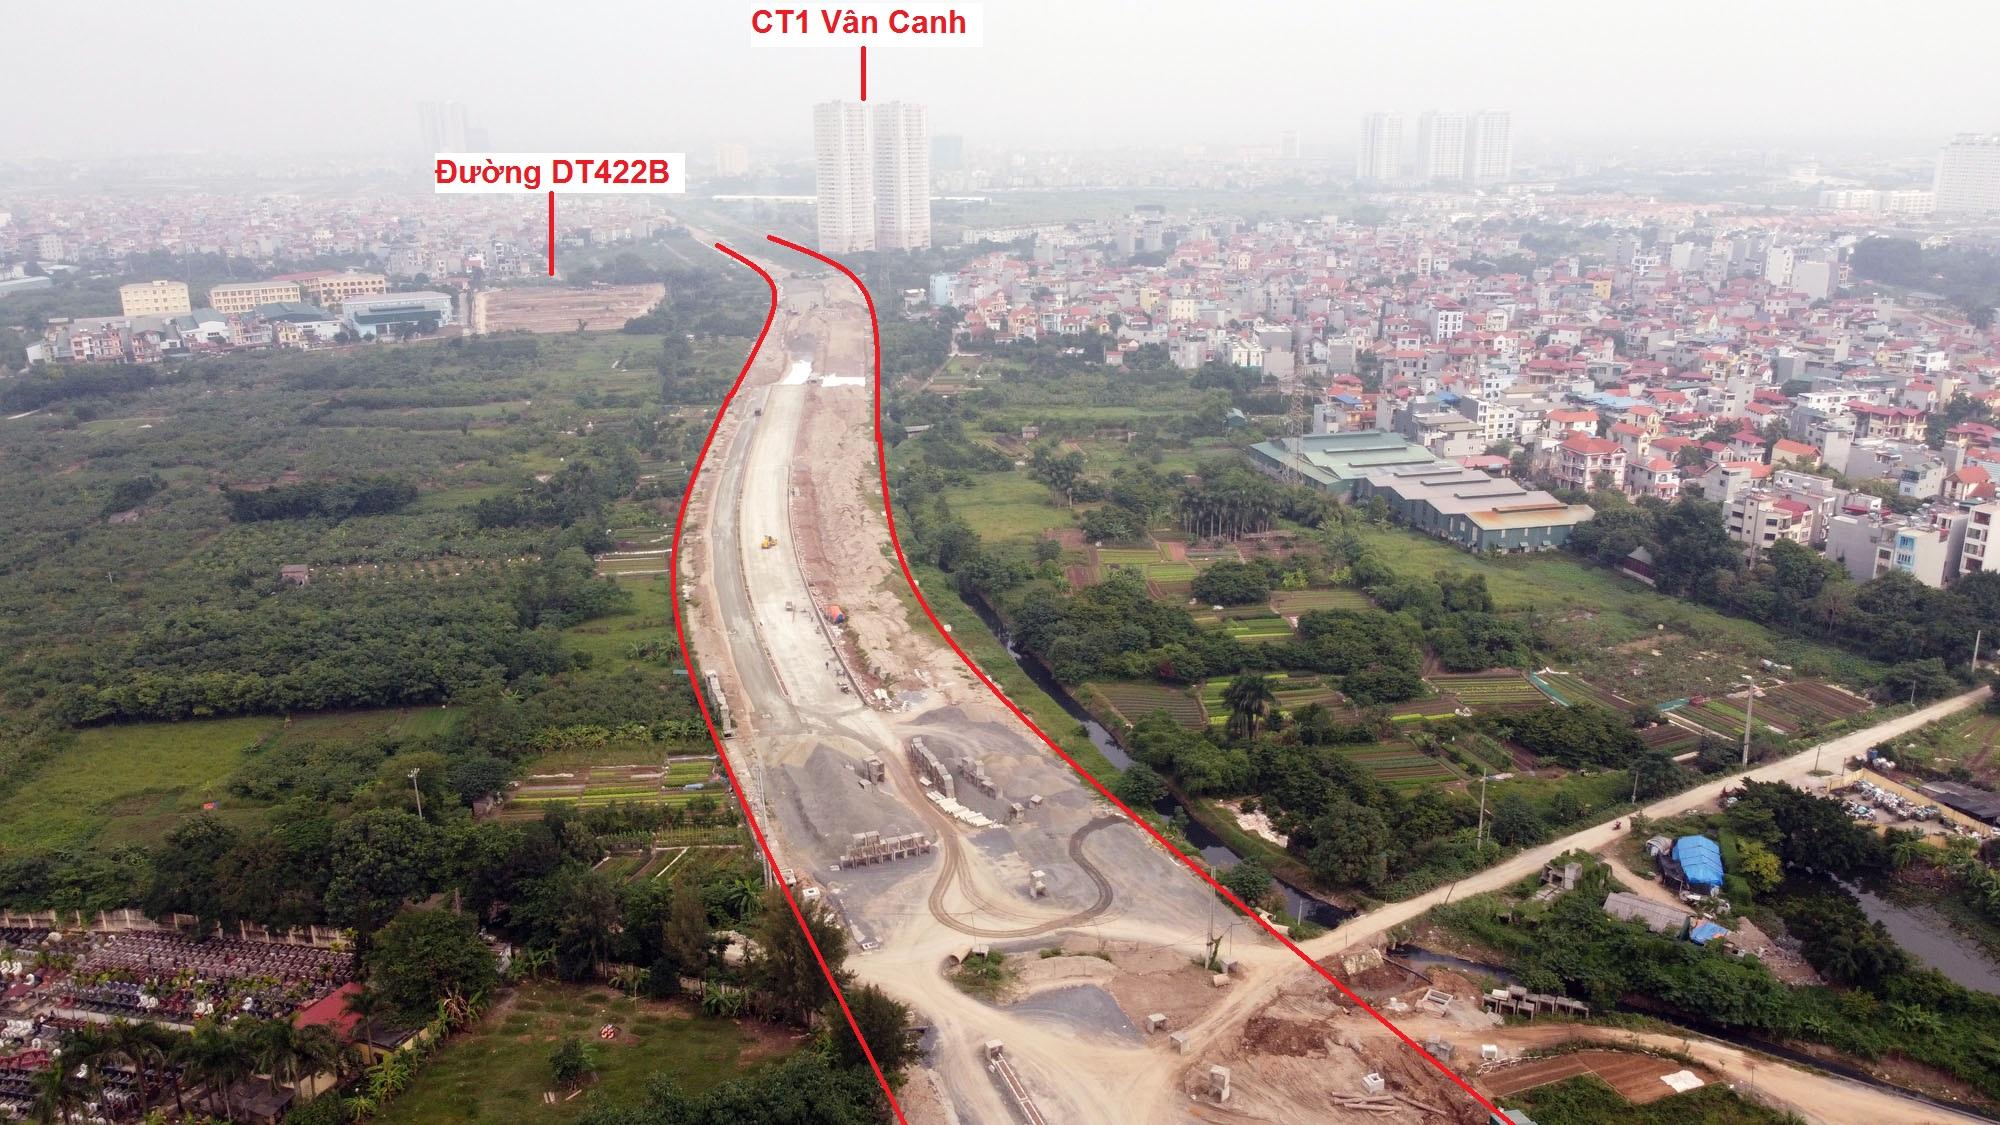 đường sẽ mở theo qui hoạch ở xã Vân Canh, Hoài Đức, Hà Nội - Ảnh 7.